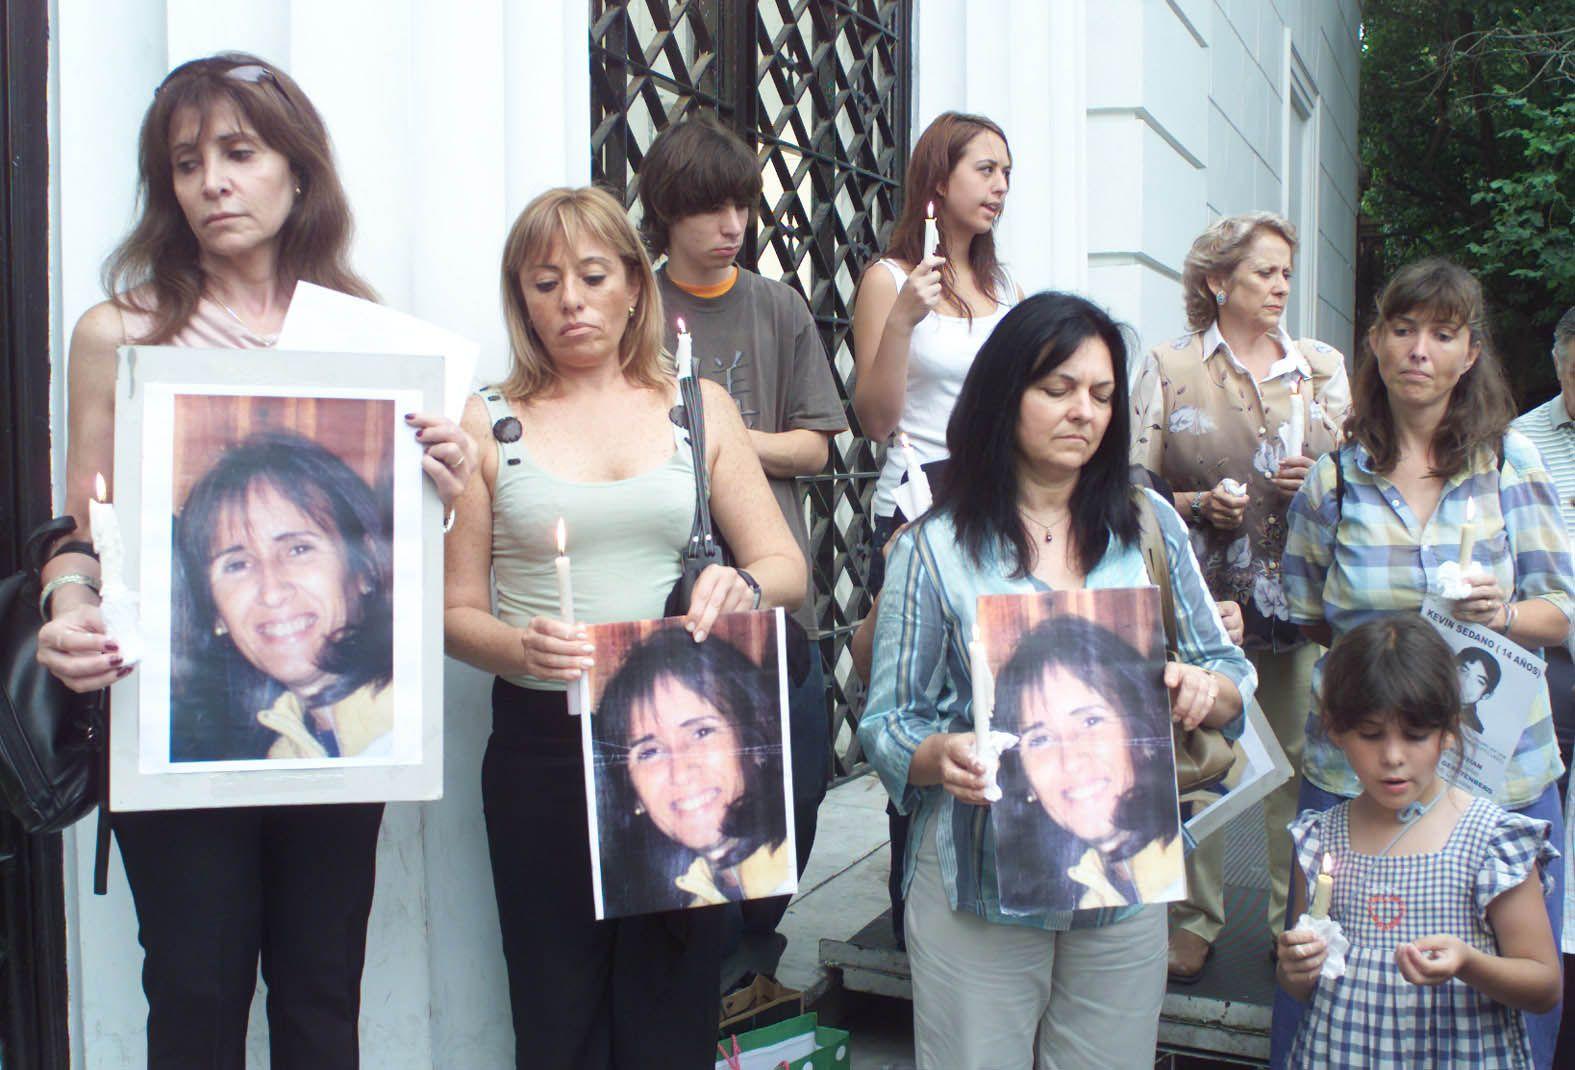 Las amigas de María Marta García Belsunce motorizaron la investigación allá por 2003